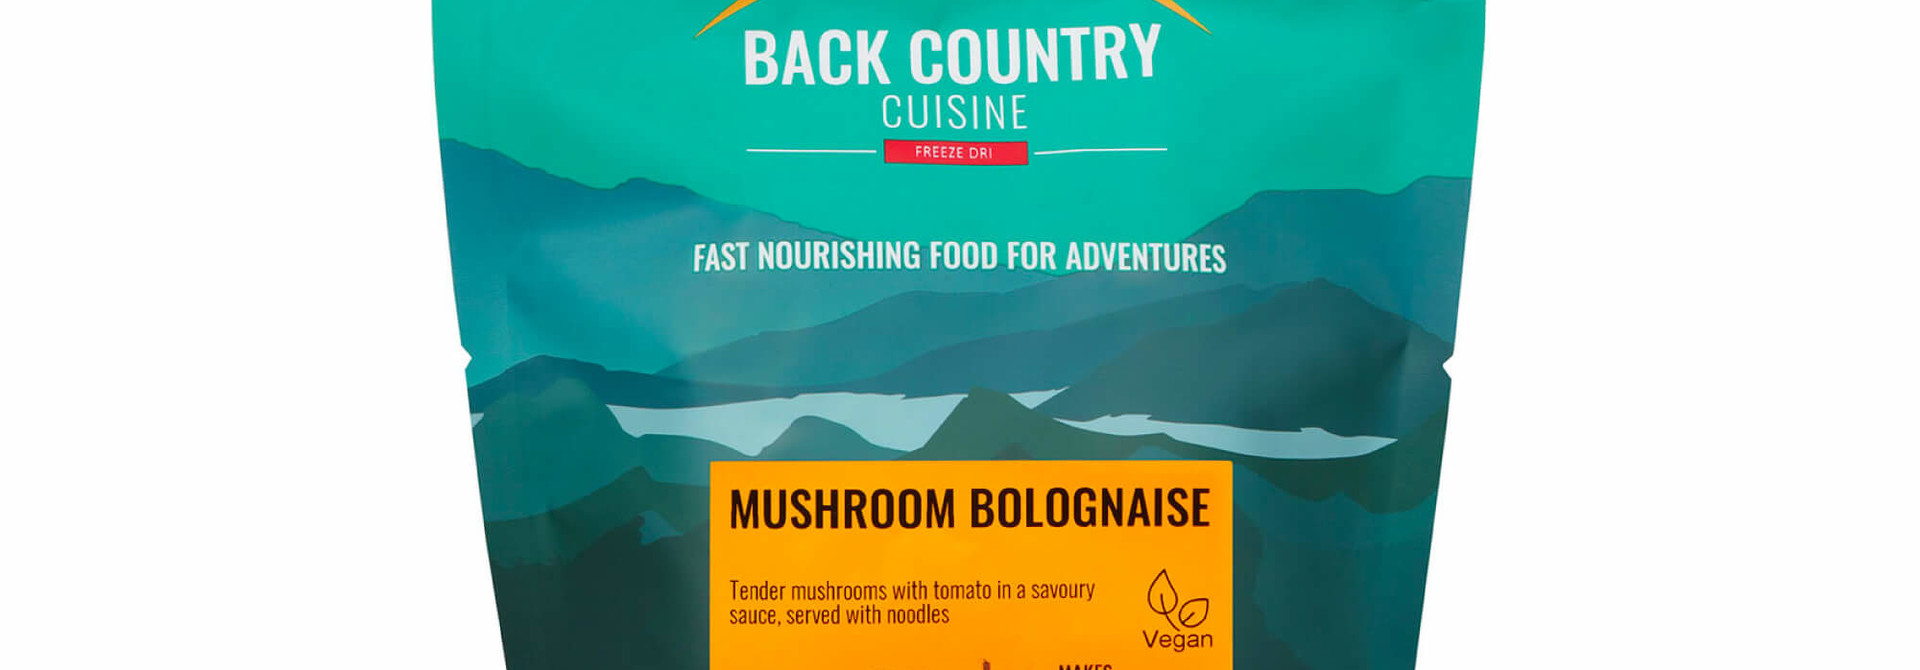 Back Country Cuisine Mushroom Bolognaise Small